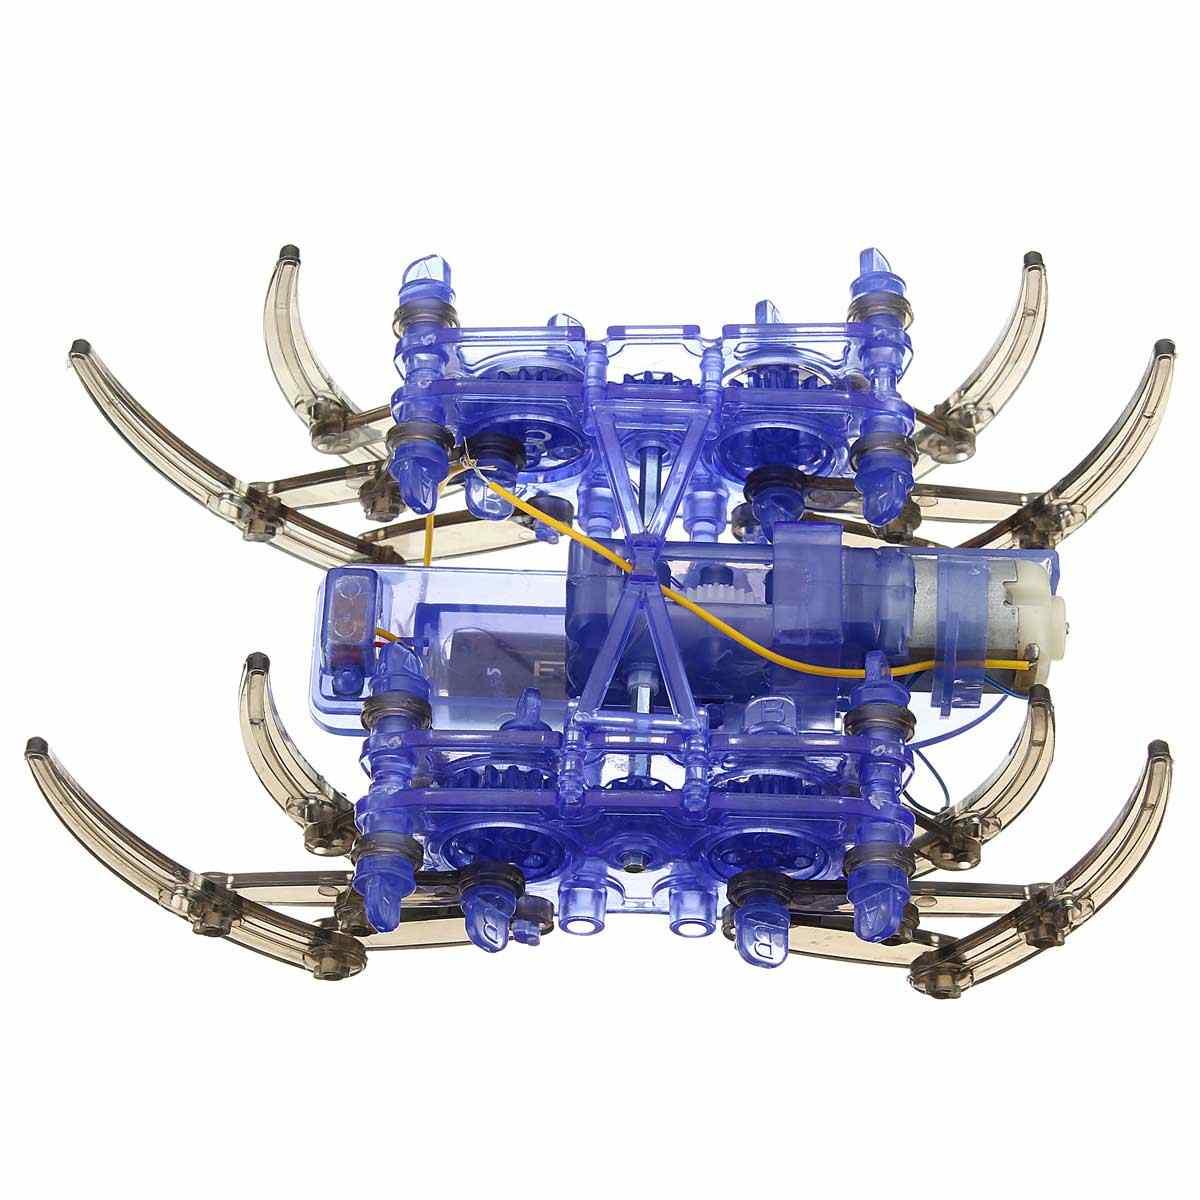 Высокое качество DIY собрать умный электрический робот паук игрушки развивающие DIY комплект, Лидер продаж сборка здания головоломки игрушки